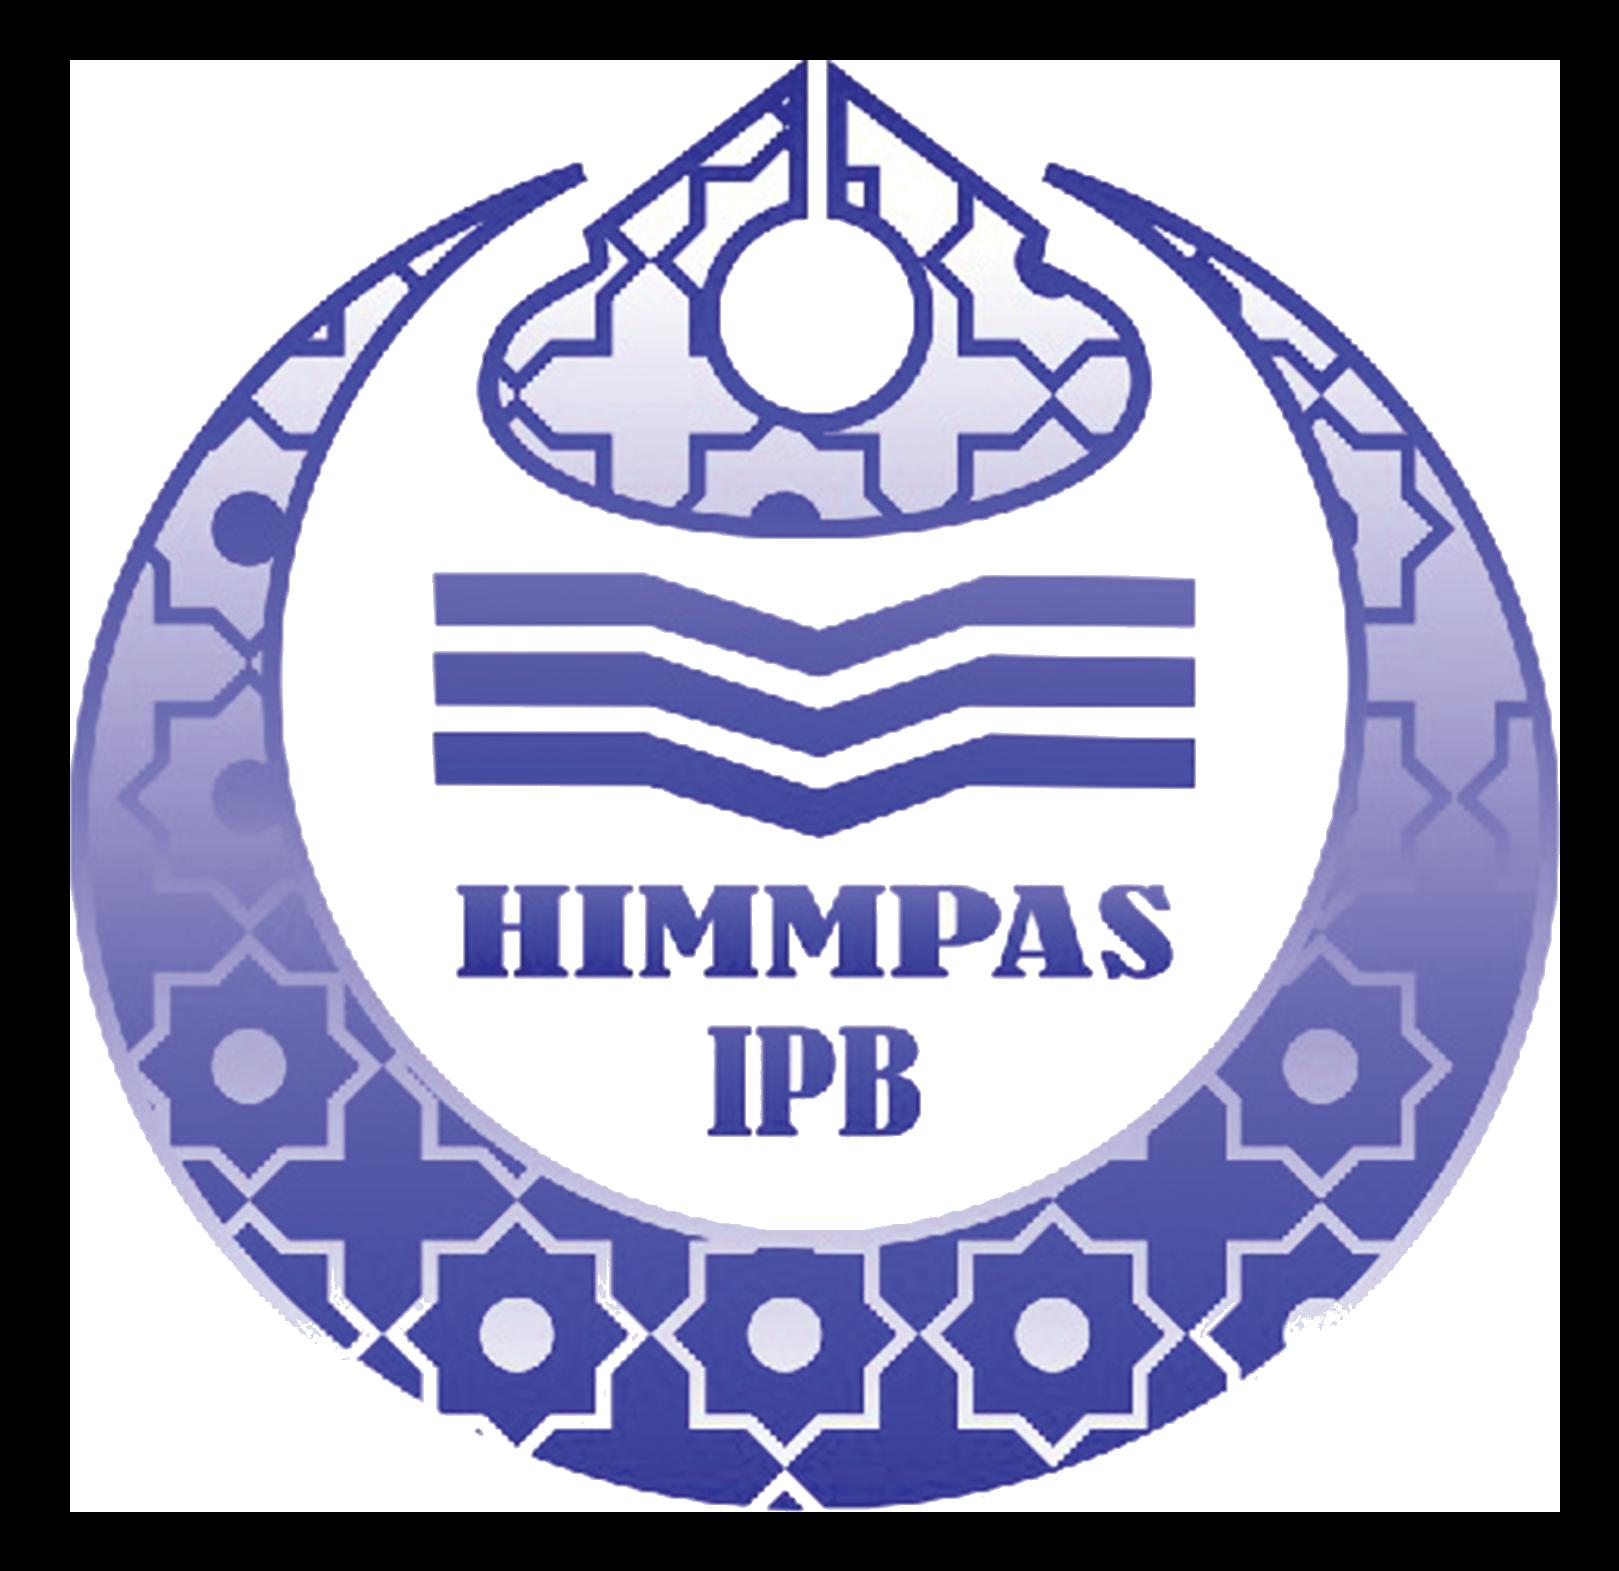 HIMMPAS IPB